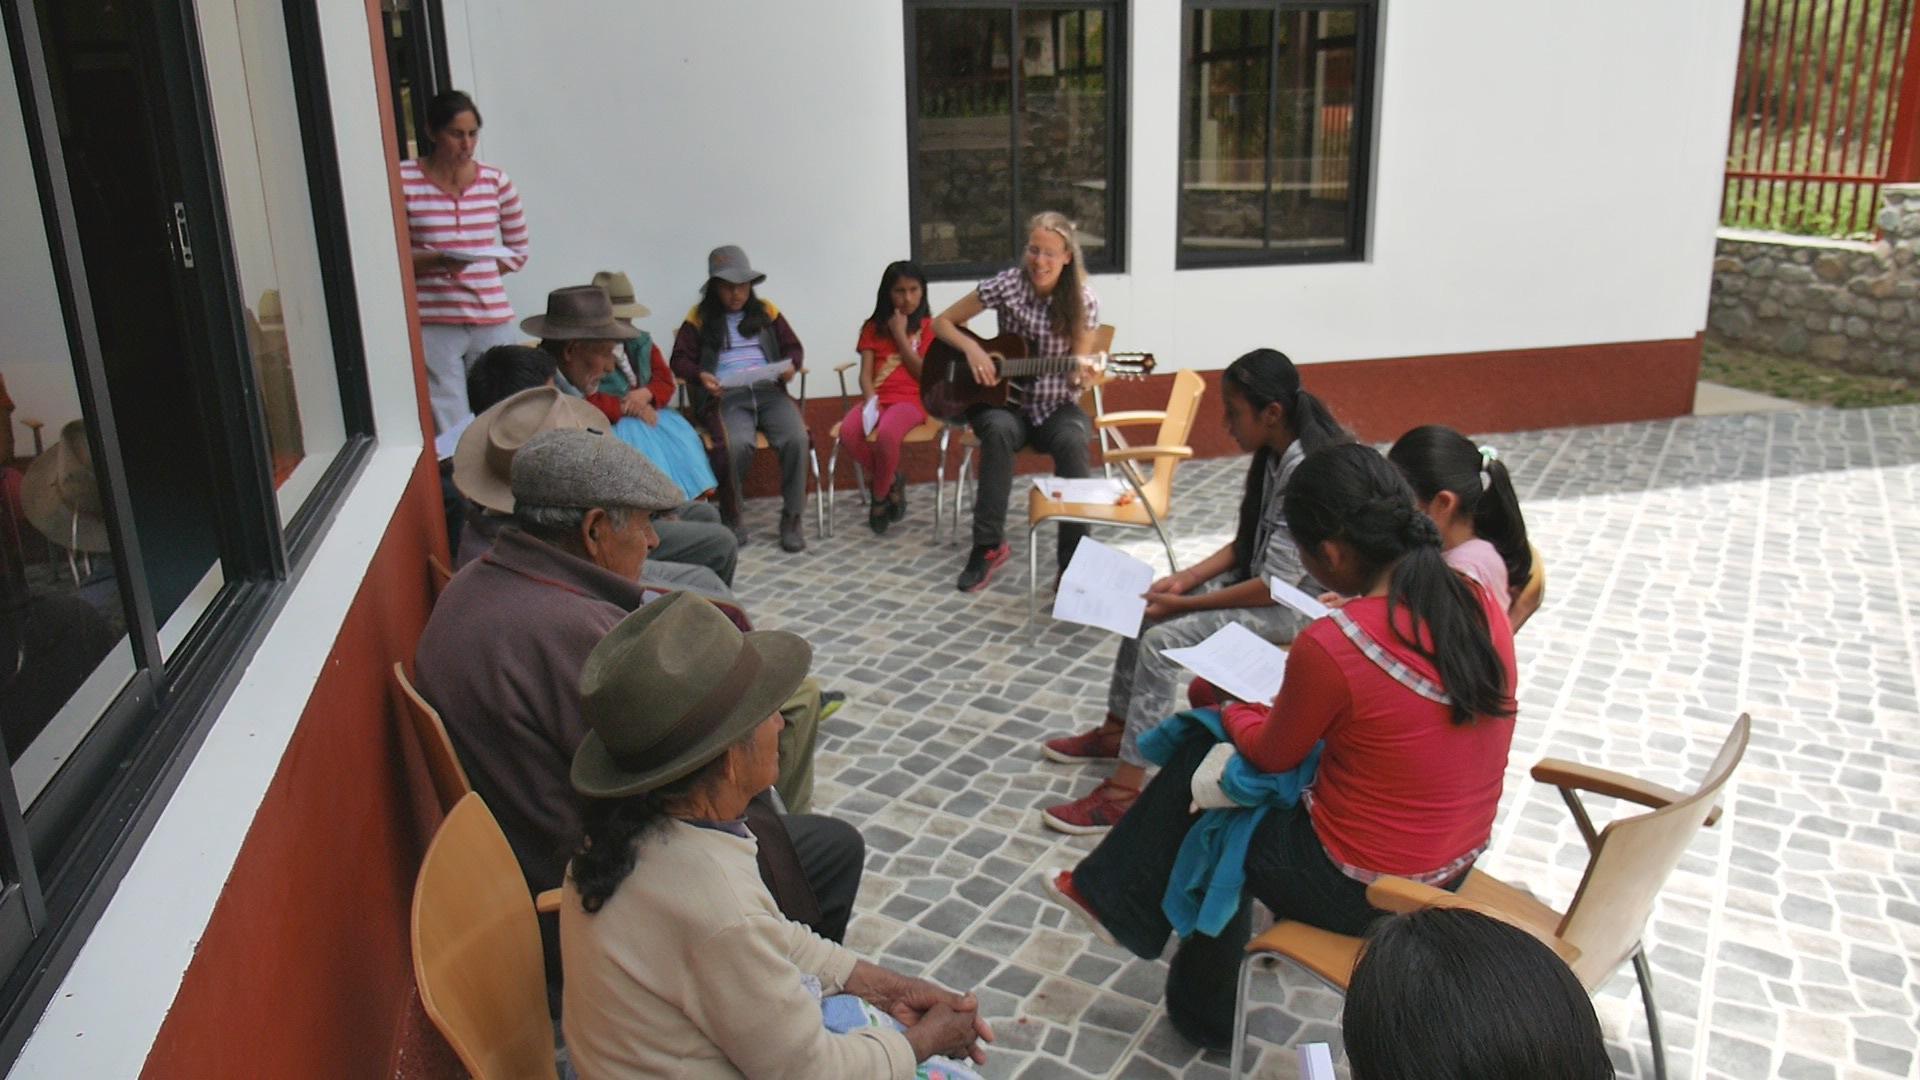 Einige Lieder auf Quechua und Spanisch wurden gesungen.